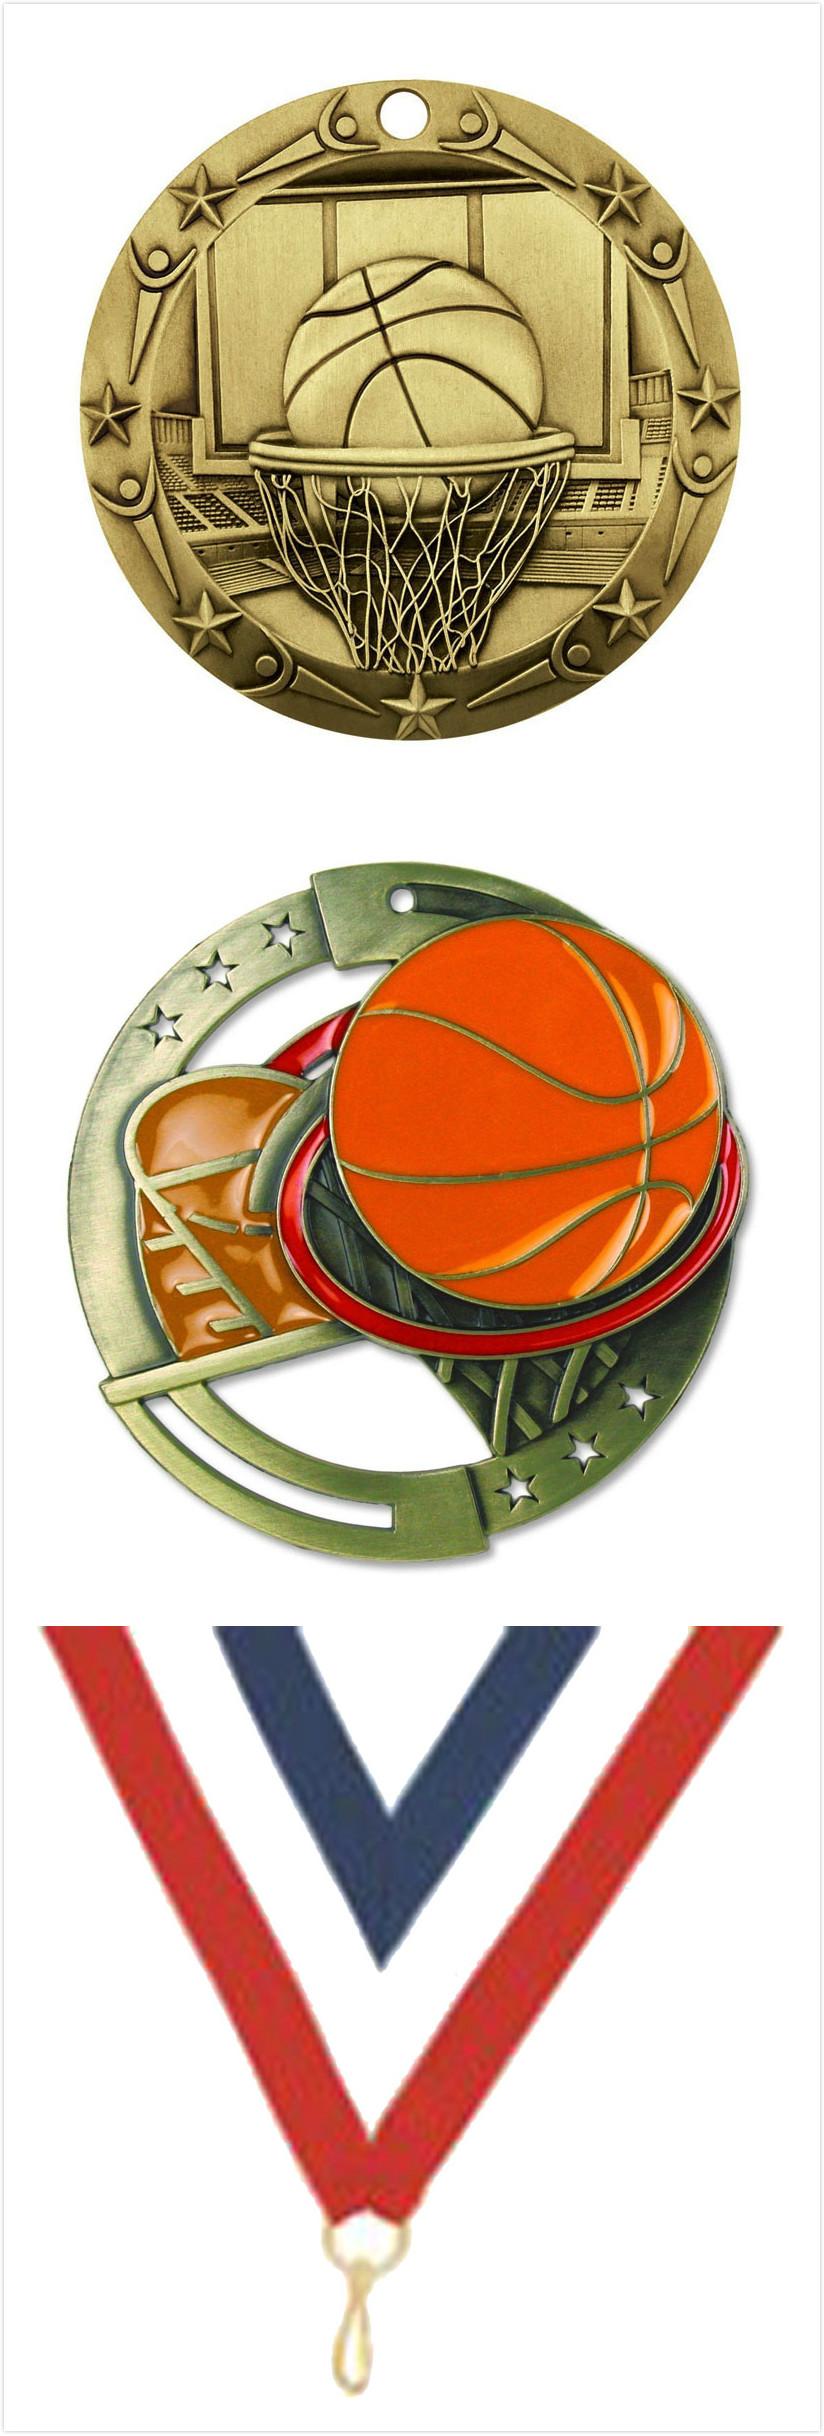 Basketball World Class Gold Medals